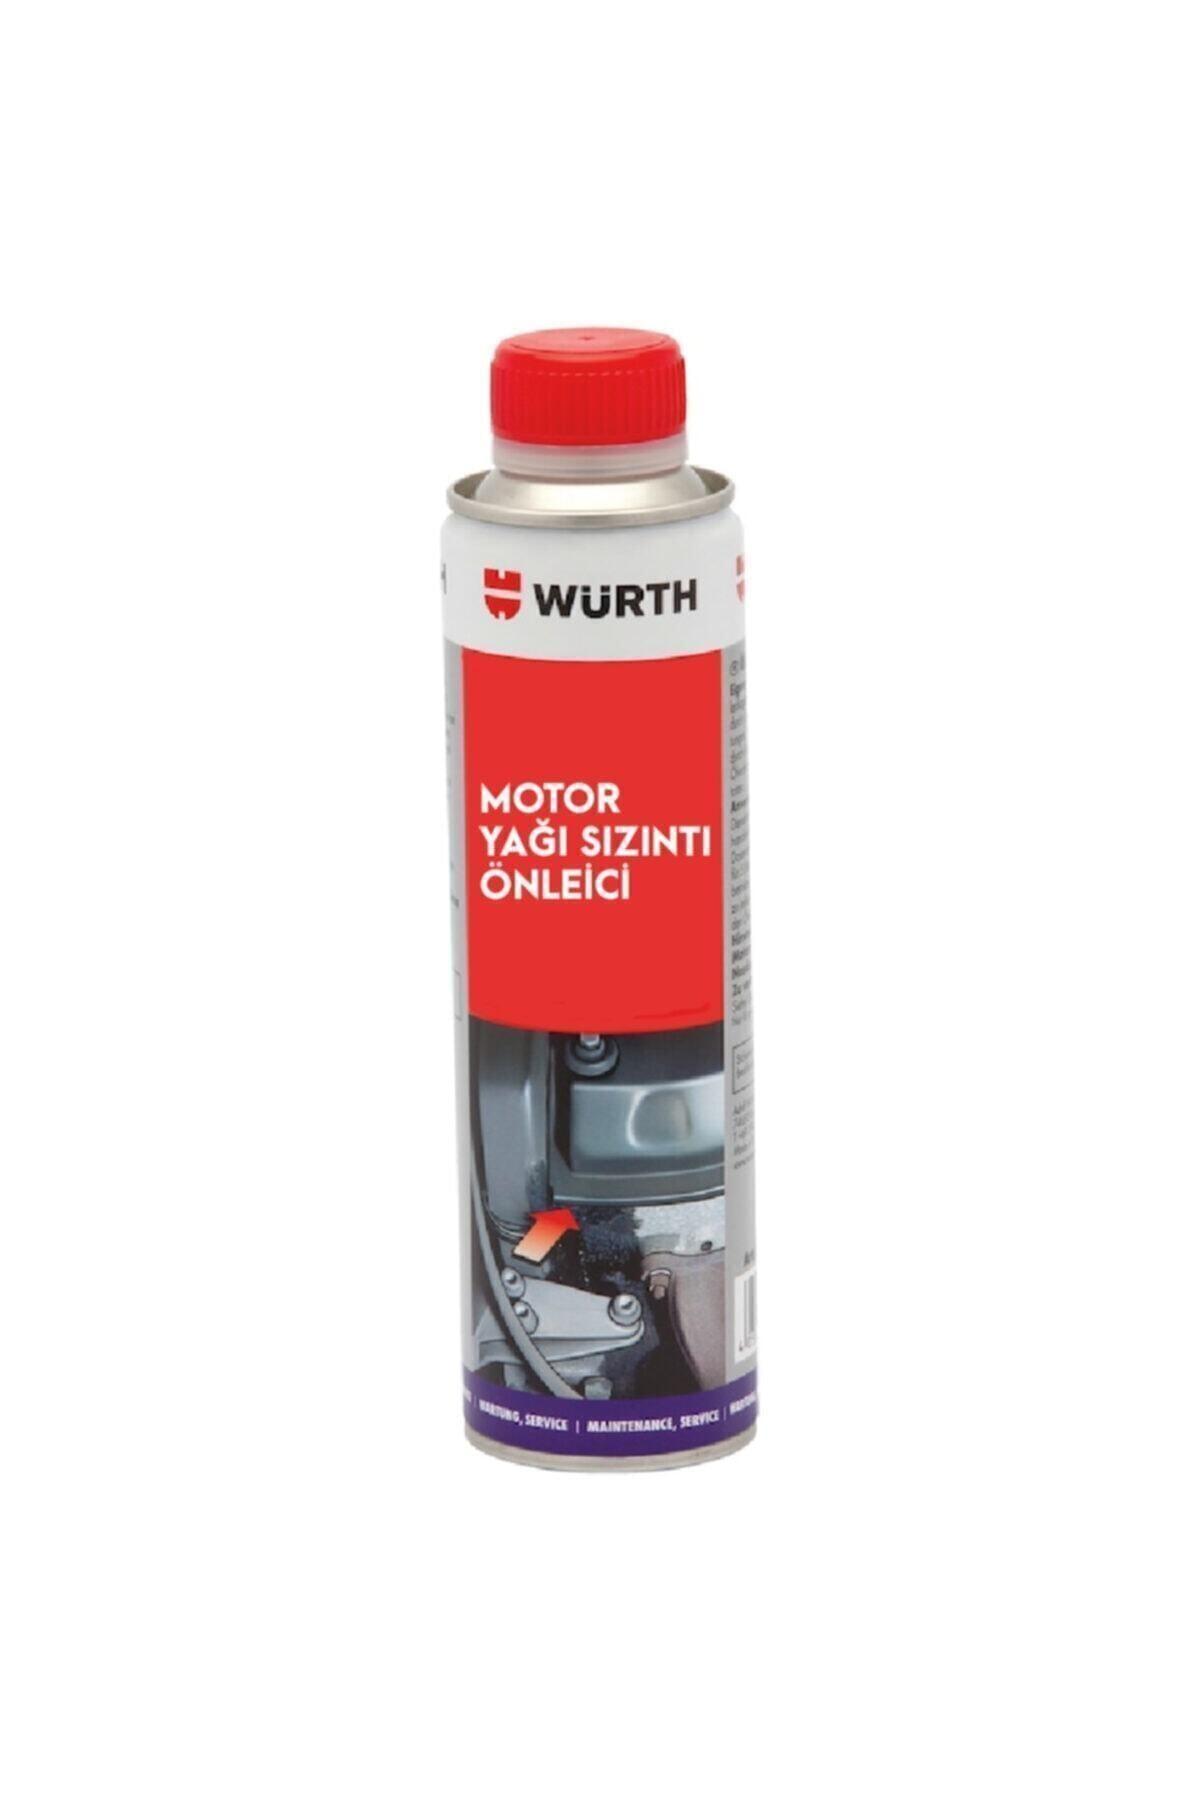 Motor Yağı Sızıntı Önleyici Tıkayıcı 300 ml